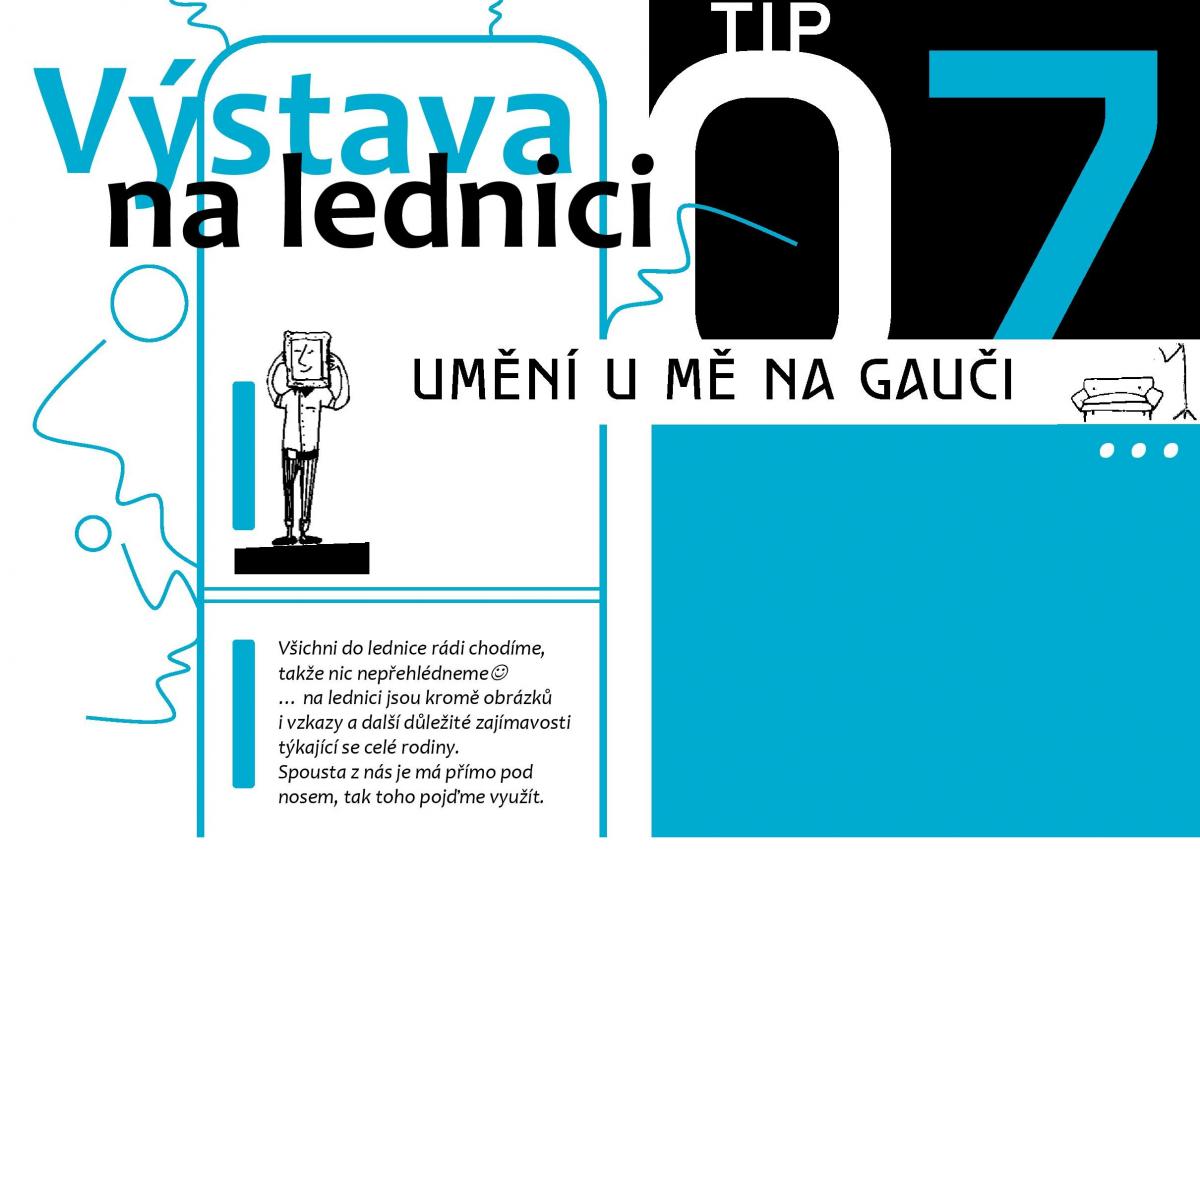 UMĚNÍ U MĚ NA GAUČI / Výstava na lednici